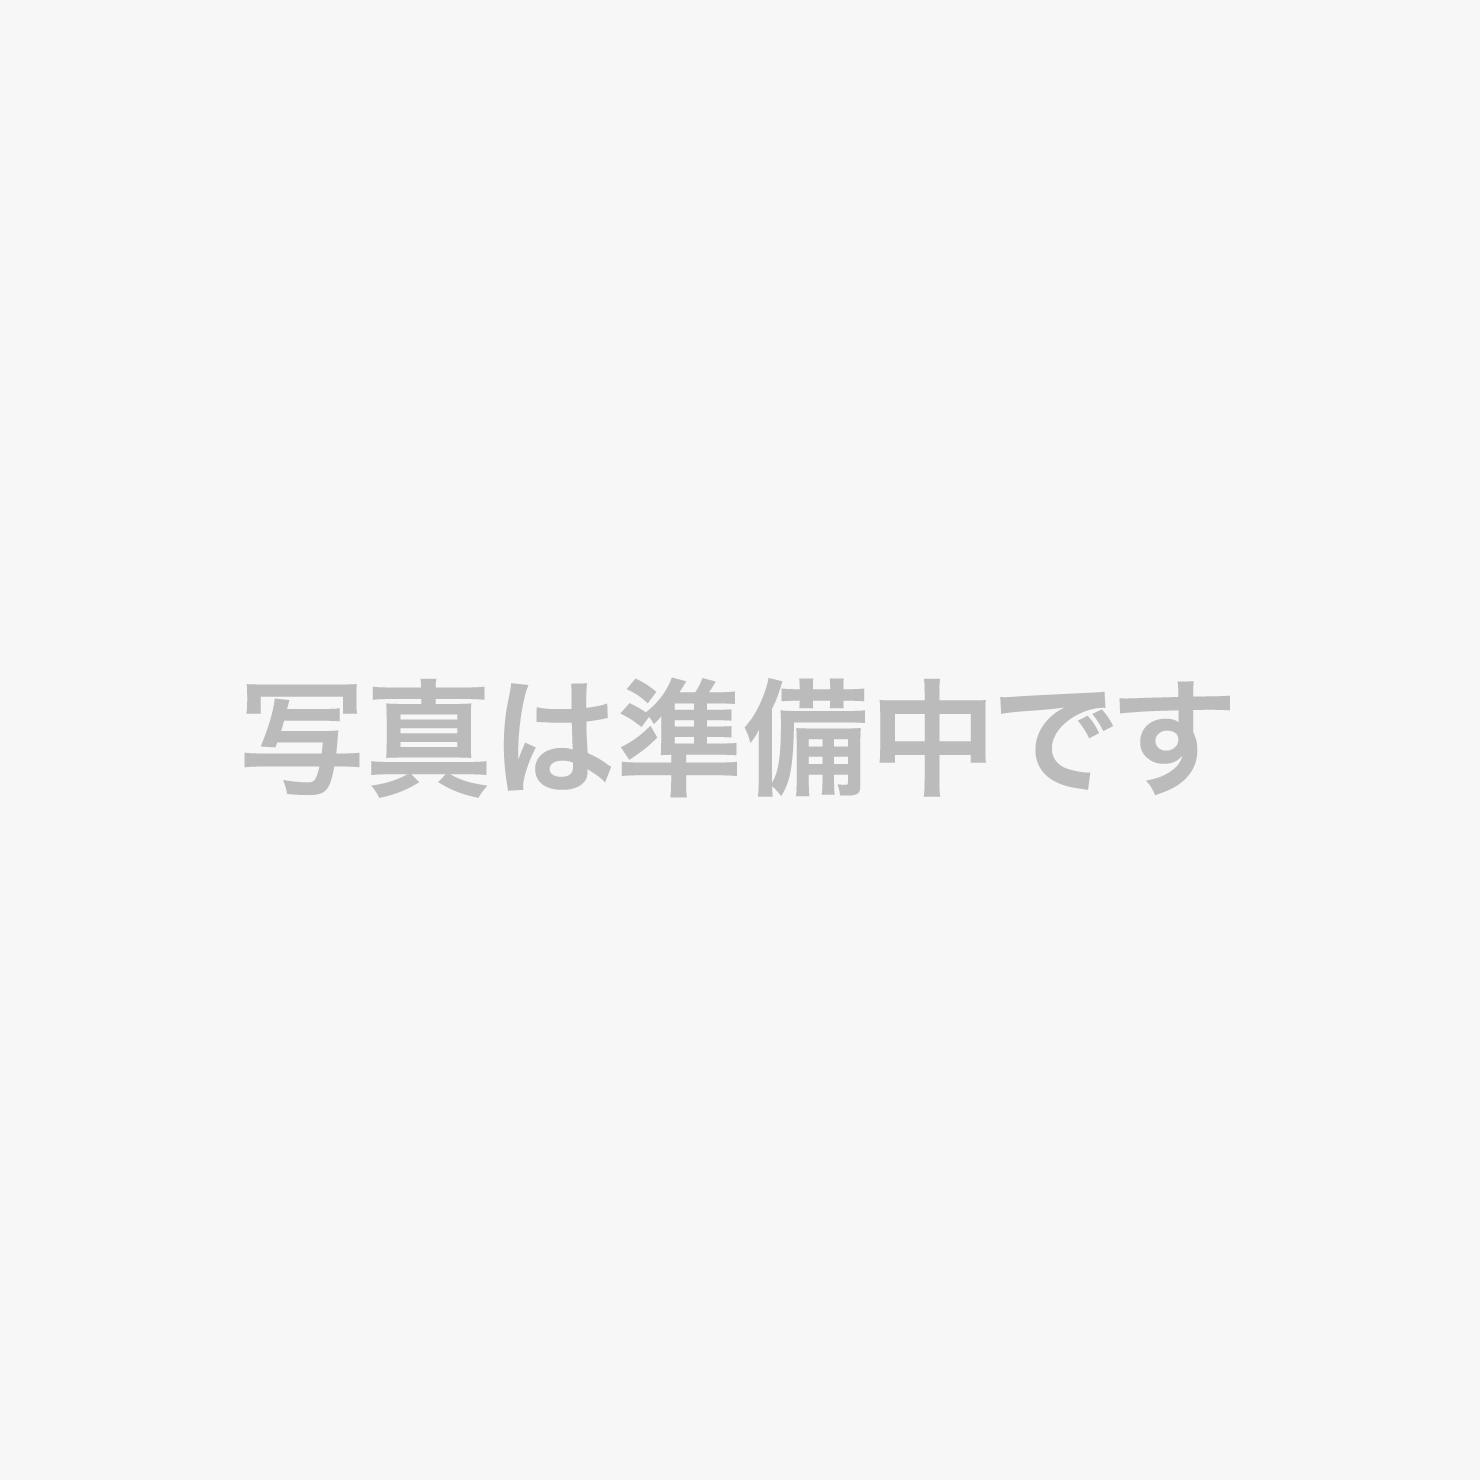 ティー&カクテル「ガーデンラウンジ」四季折々の美しい日本庭園が一望できるラウンジ08:00~18:00 ガーデンタワー ロビィ階